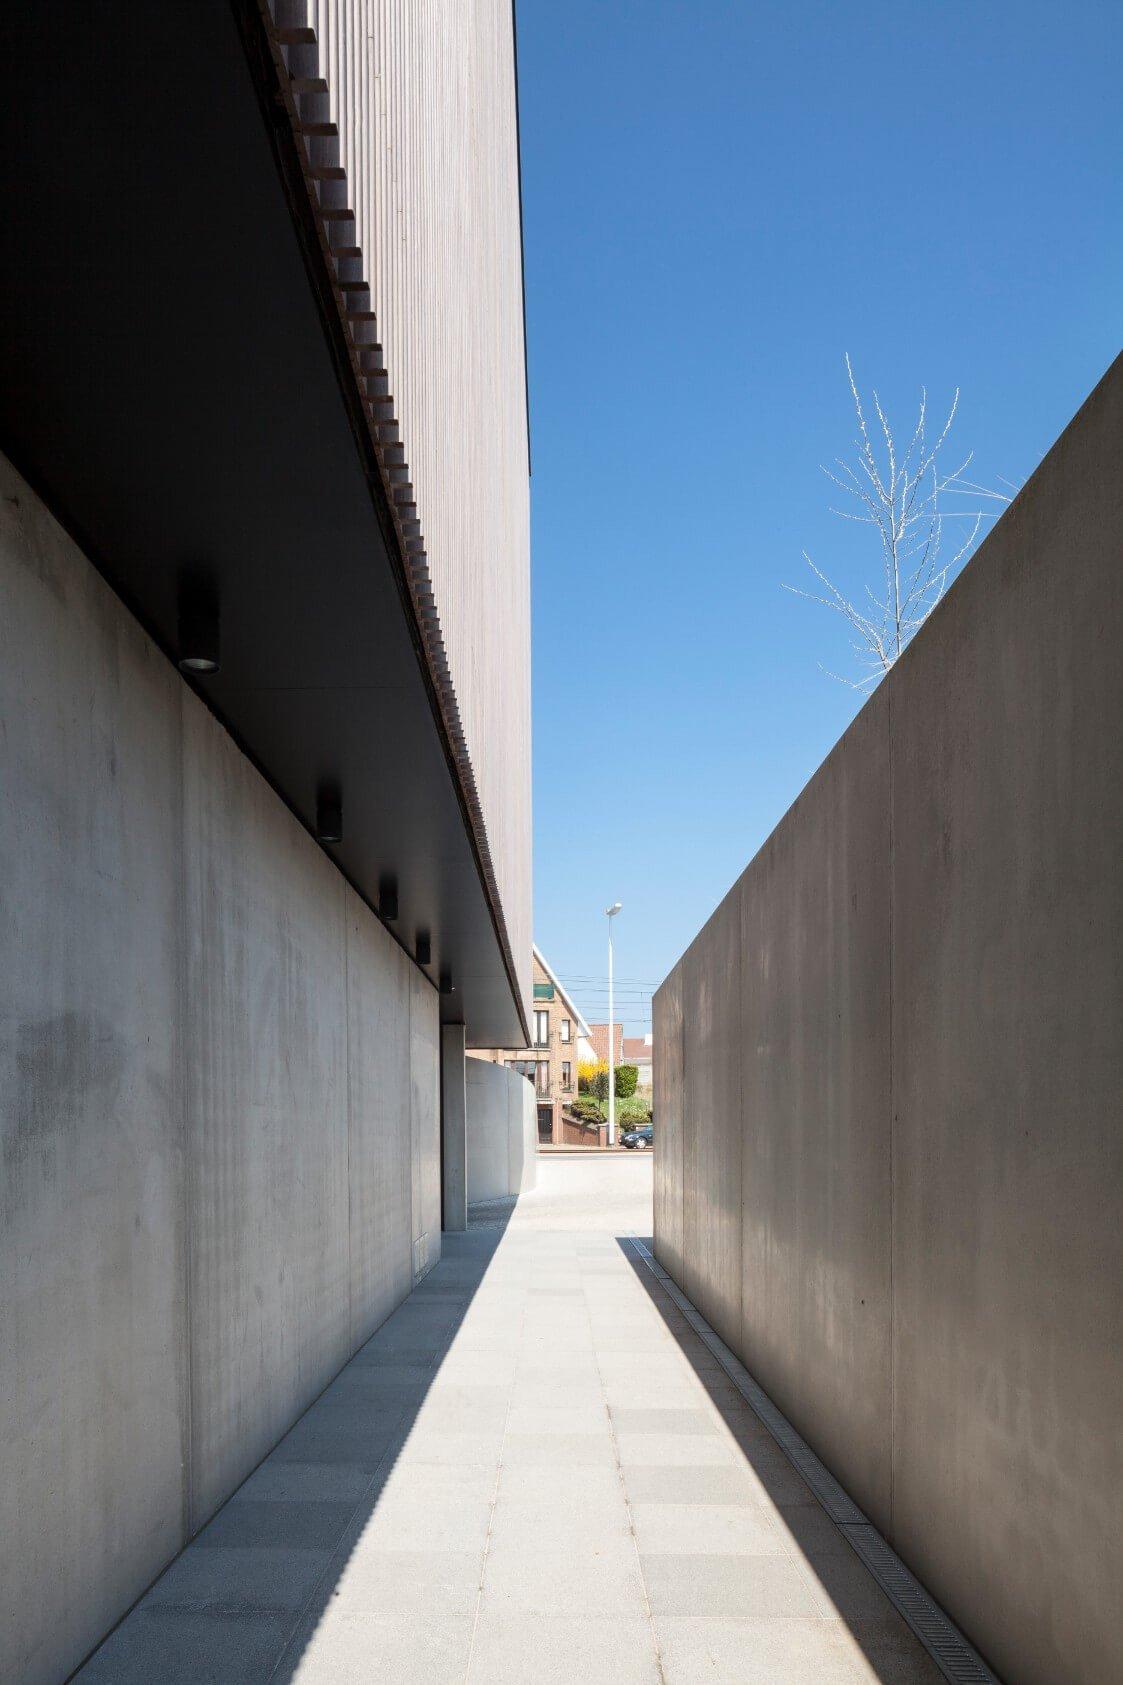 Res-JeanProuve-Rietveldprojects-photobytimvandevelde-10.jpg